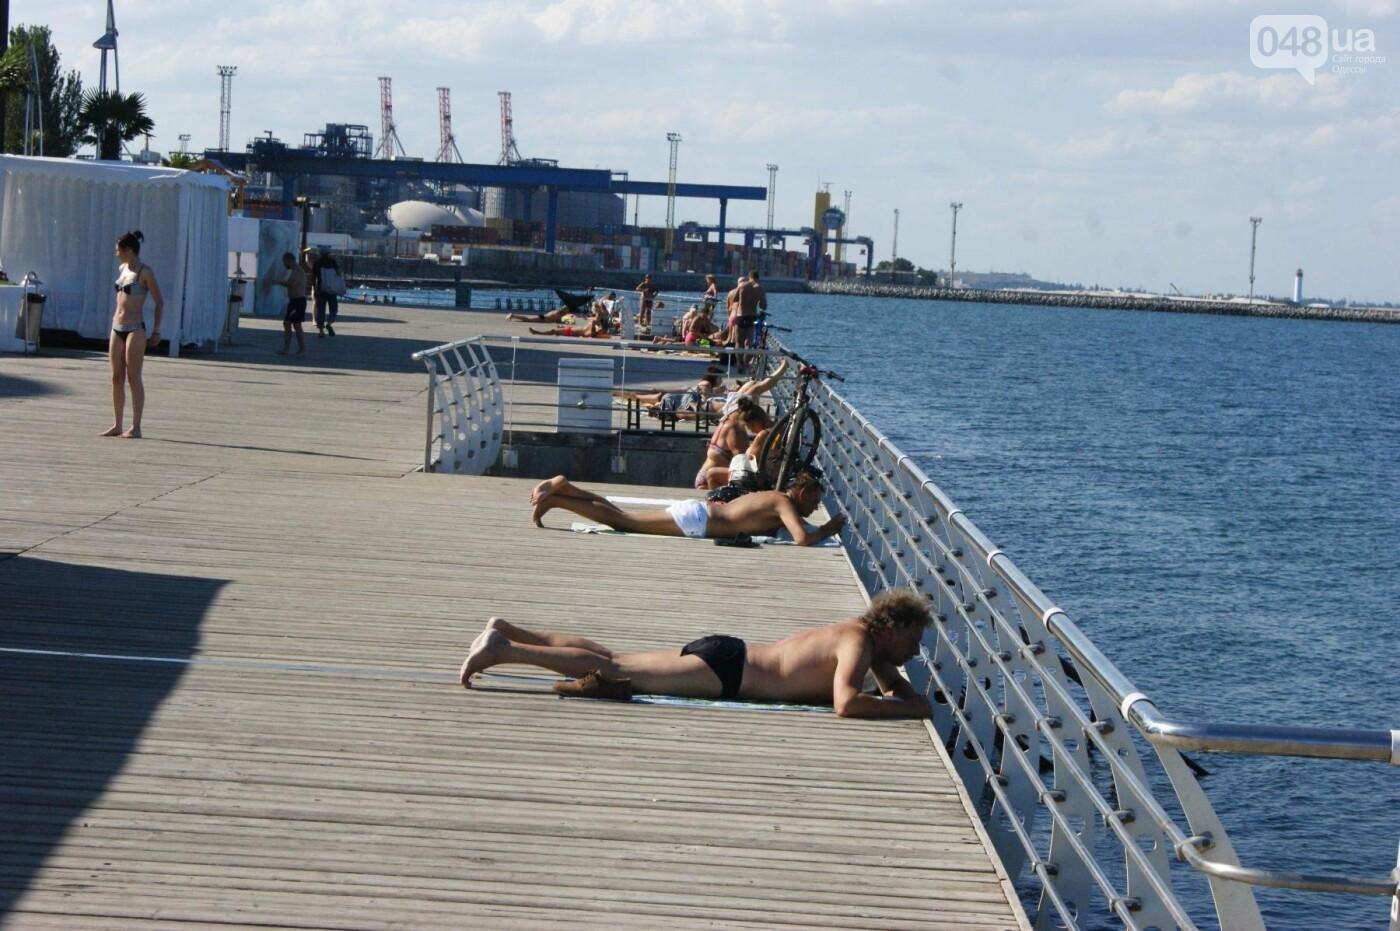 Пляжная ревизия: Что и почем на одесском Ланжероне, - ФОТО, фото-10